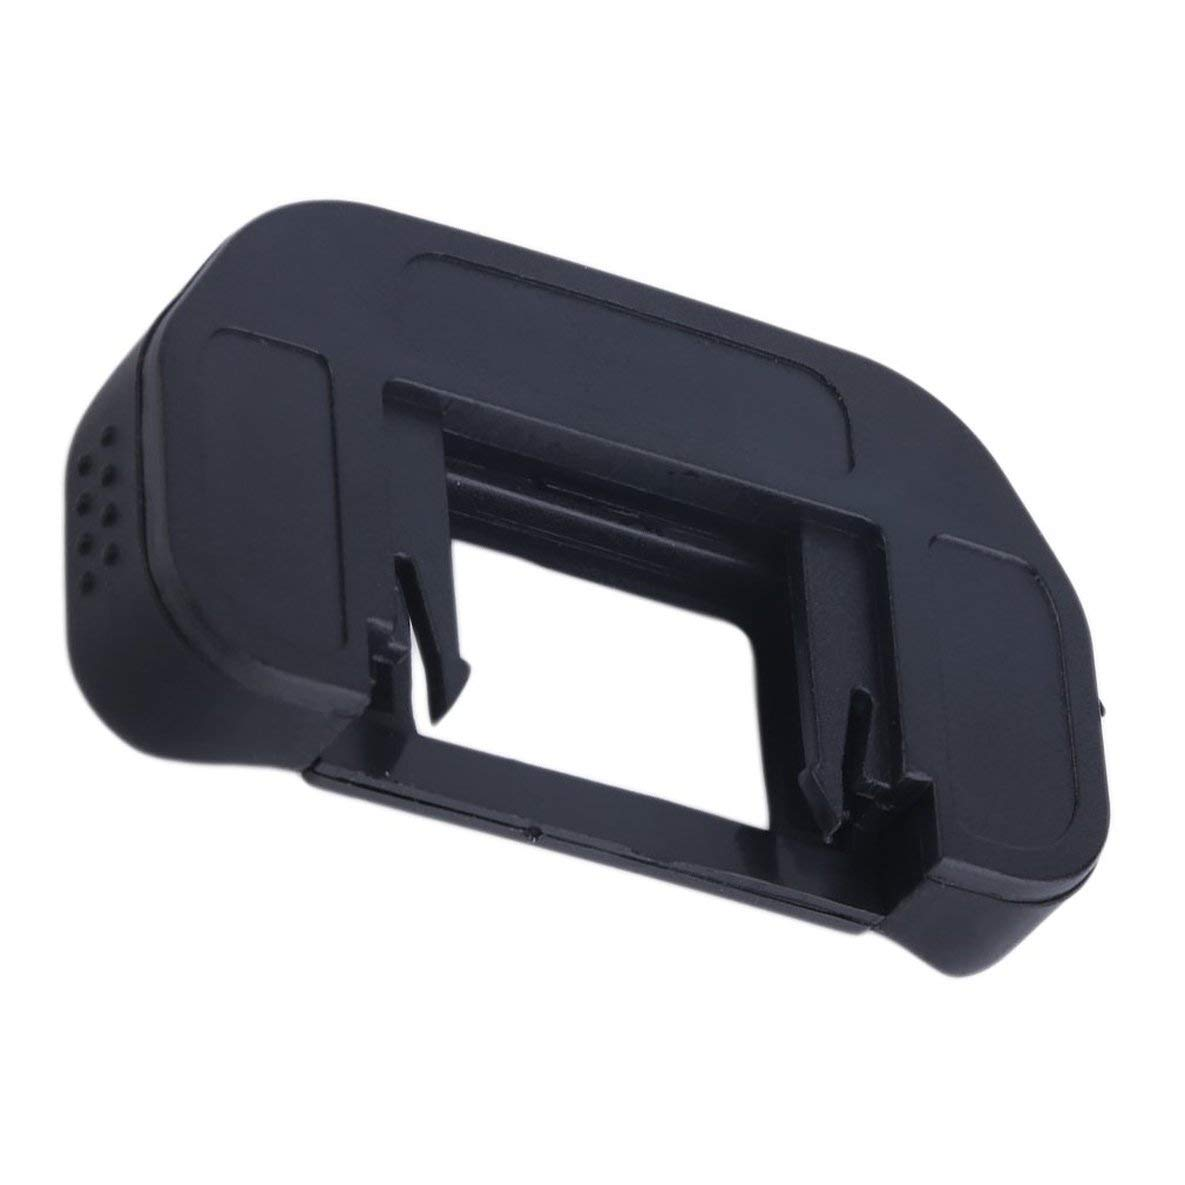 en Stock Negro 50mm x 30mm 15pcs Goma Ocular Ocular EB para Canon para EOS 10D 20D 30D 40D 50D 60D 550D